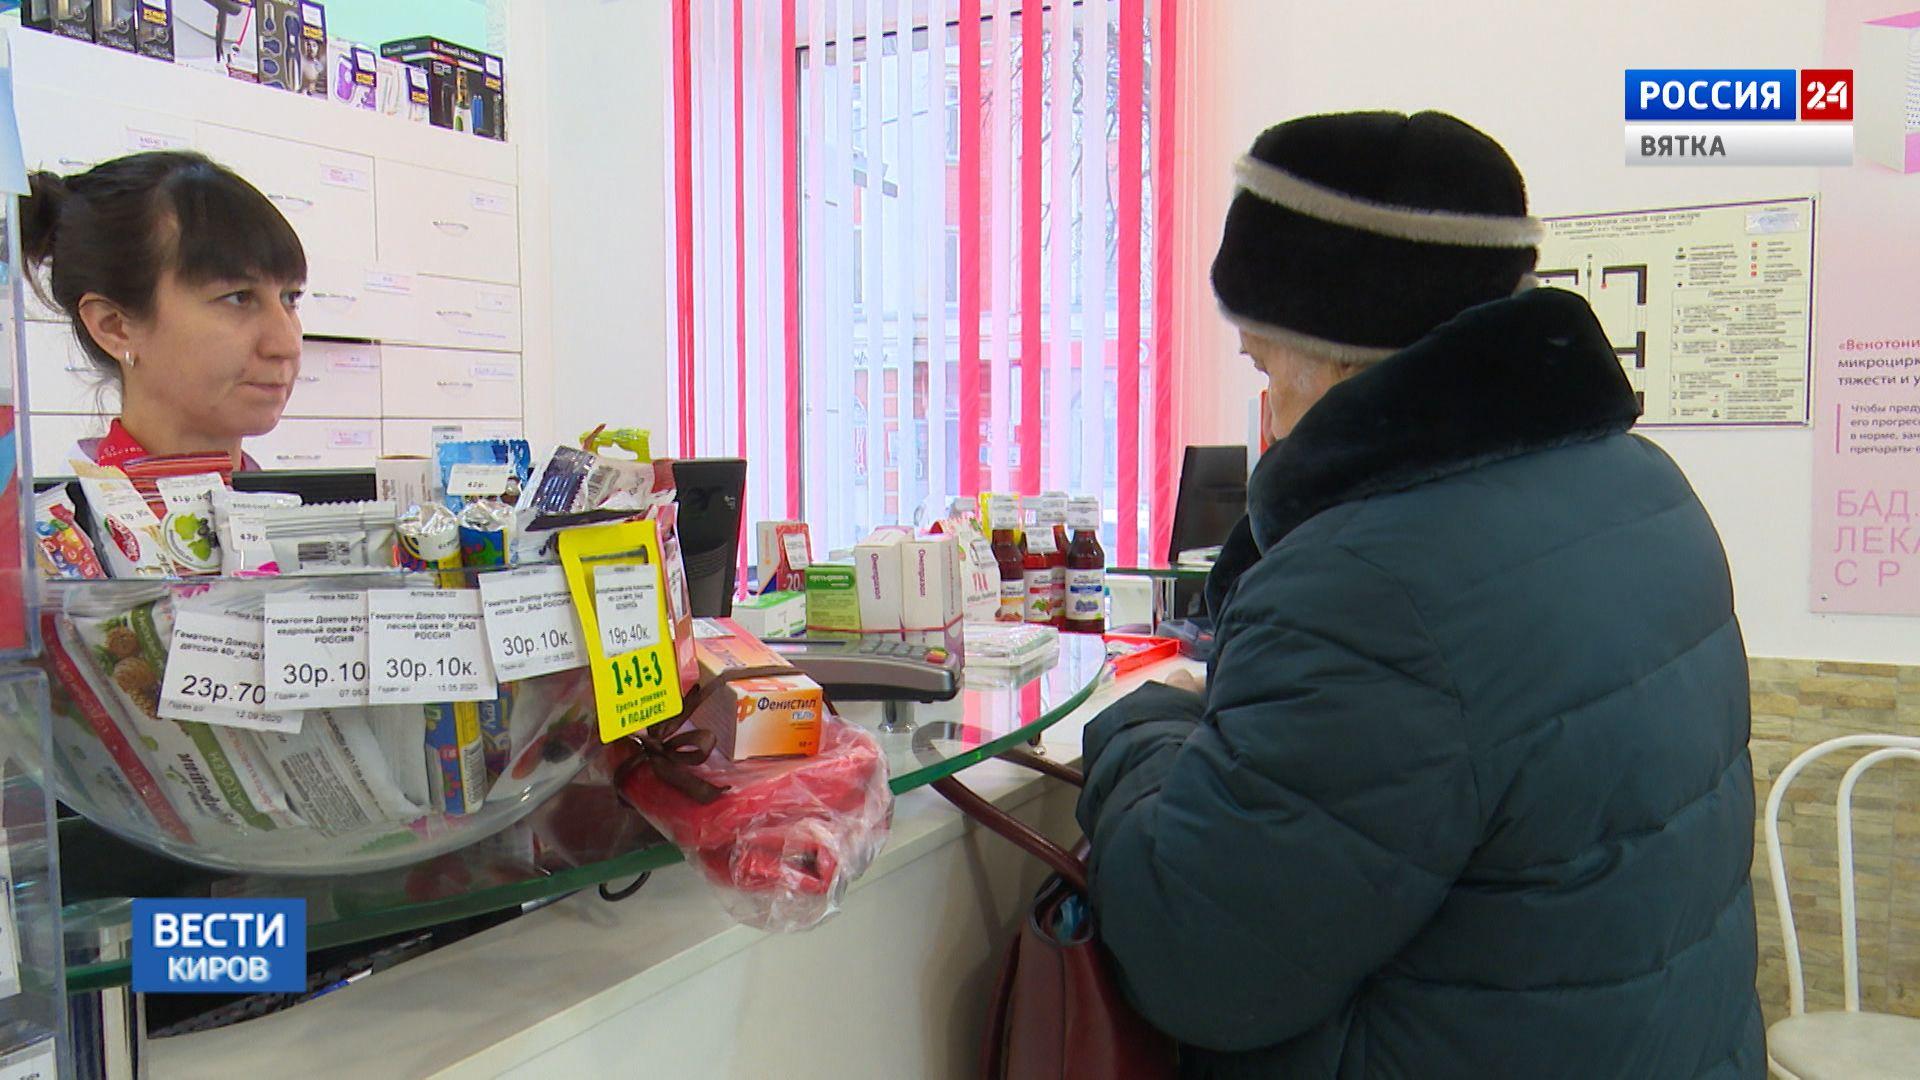 Федеральная программа поддержки льготных категорий граждан в Кировской области не работает